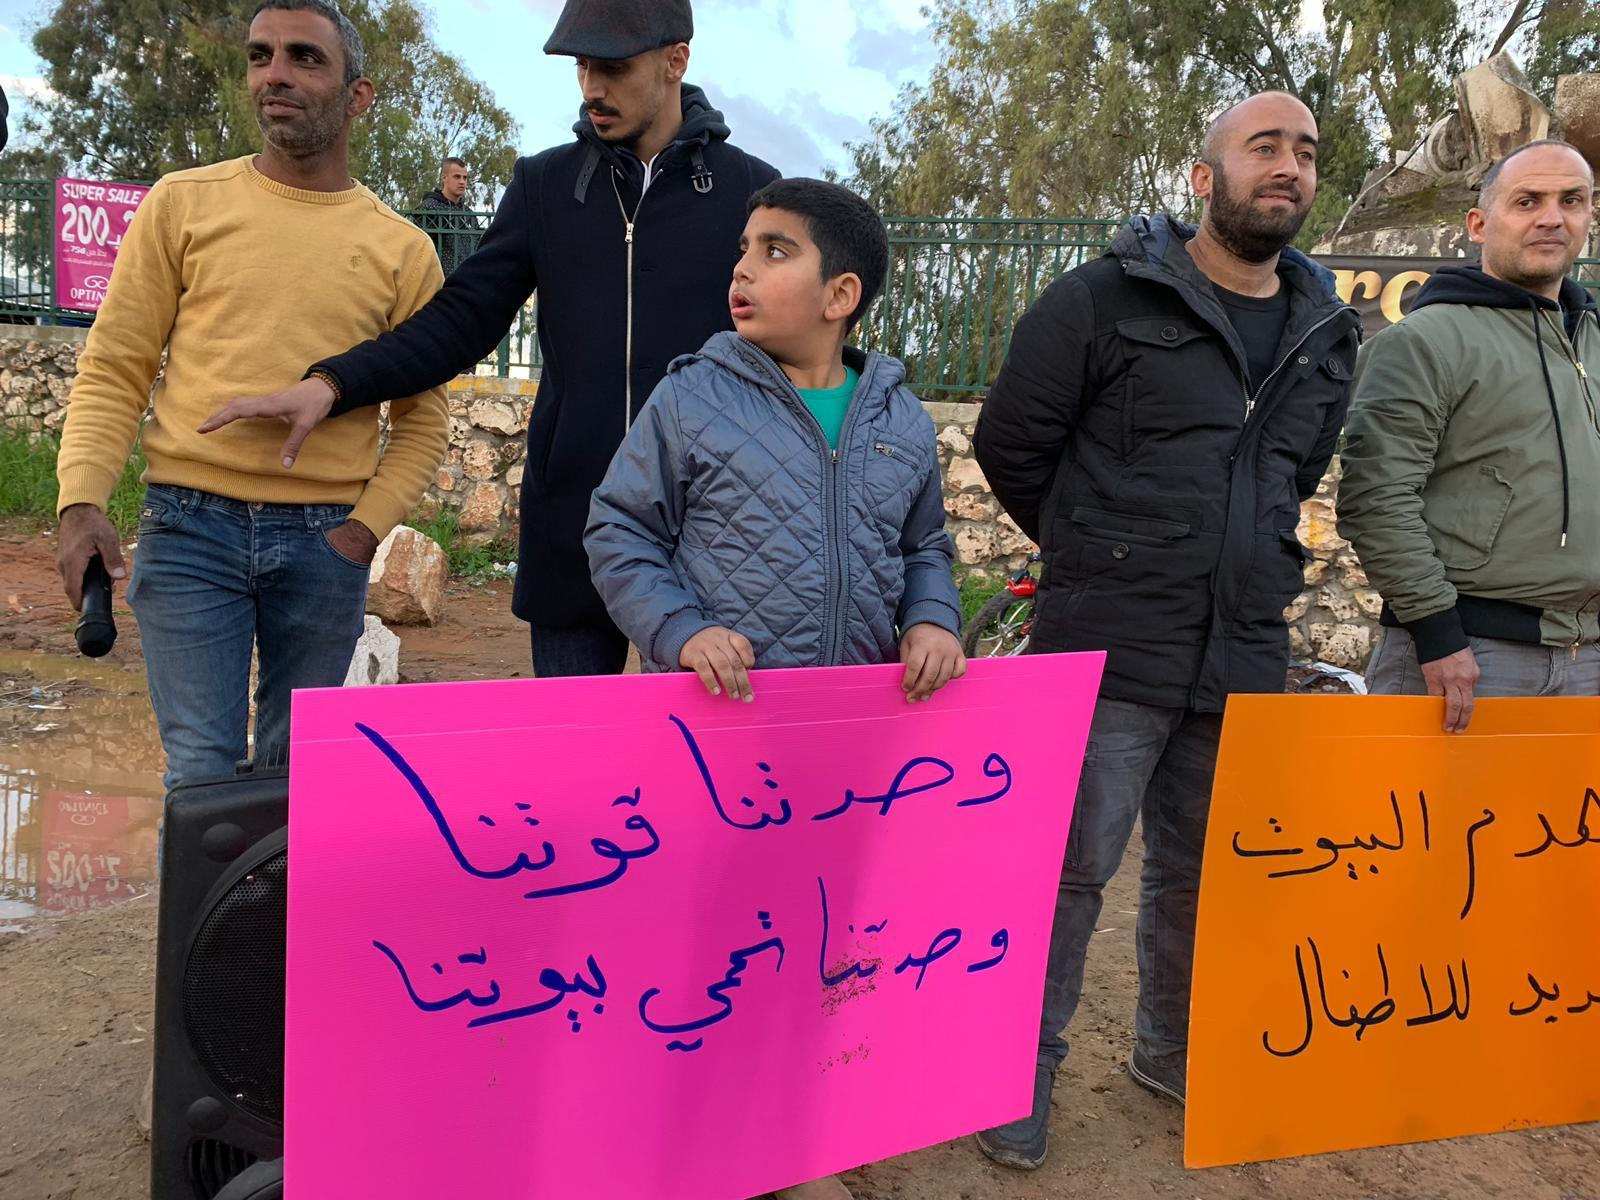 قلنسوة: إصابتان واعتقالات في قمع الشرطة لمظاهرة ضد سياسة الهدم